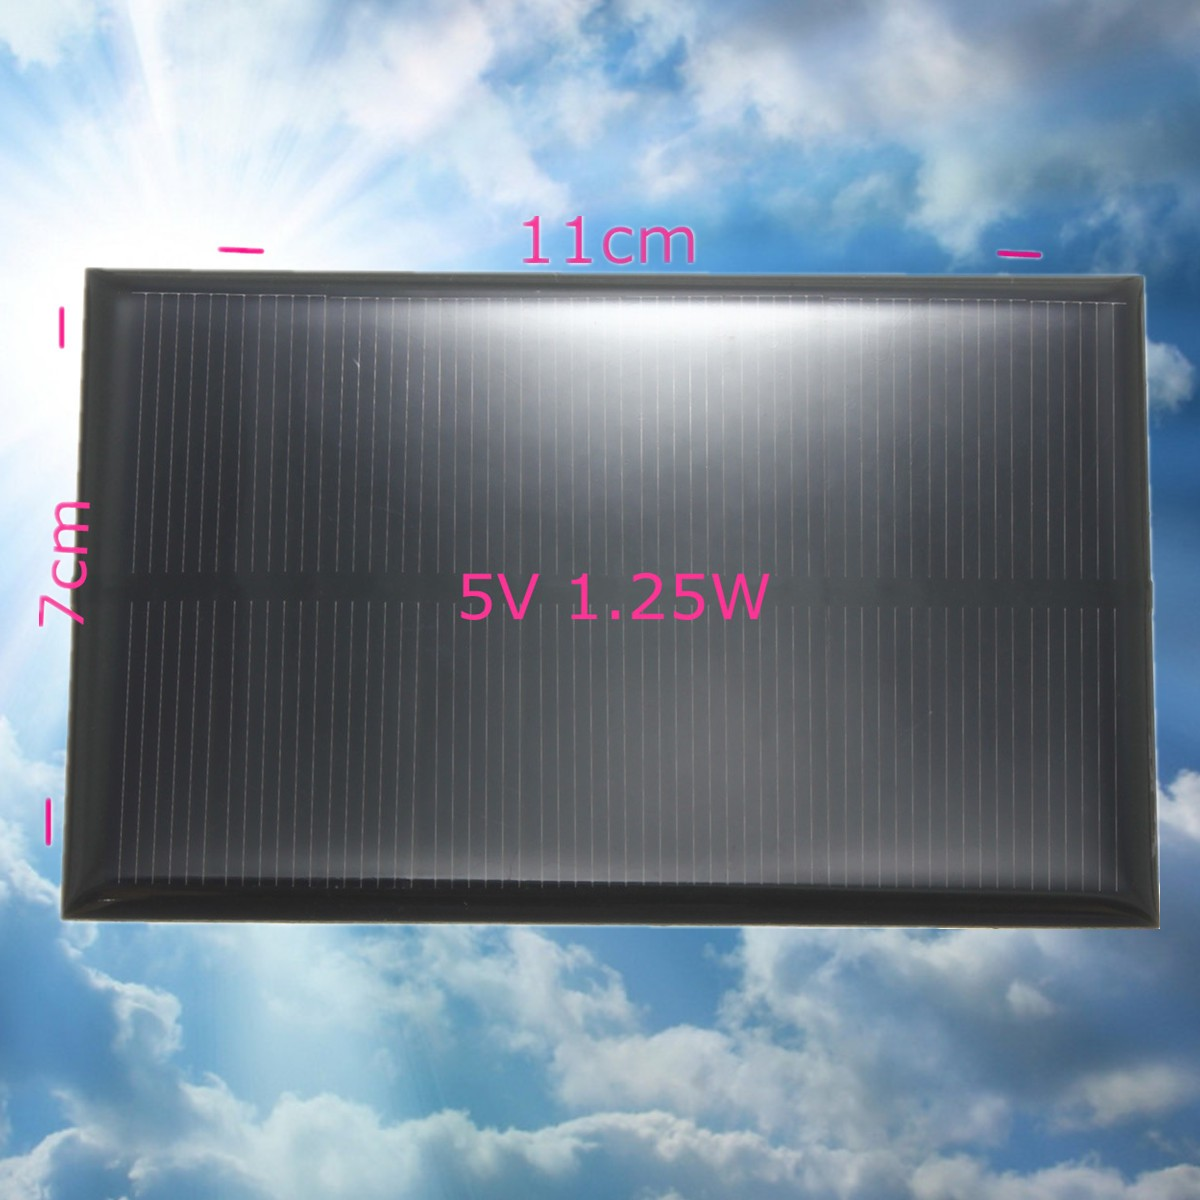 Pannelli solari fotovoltaici monocristallino o policristallino 44